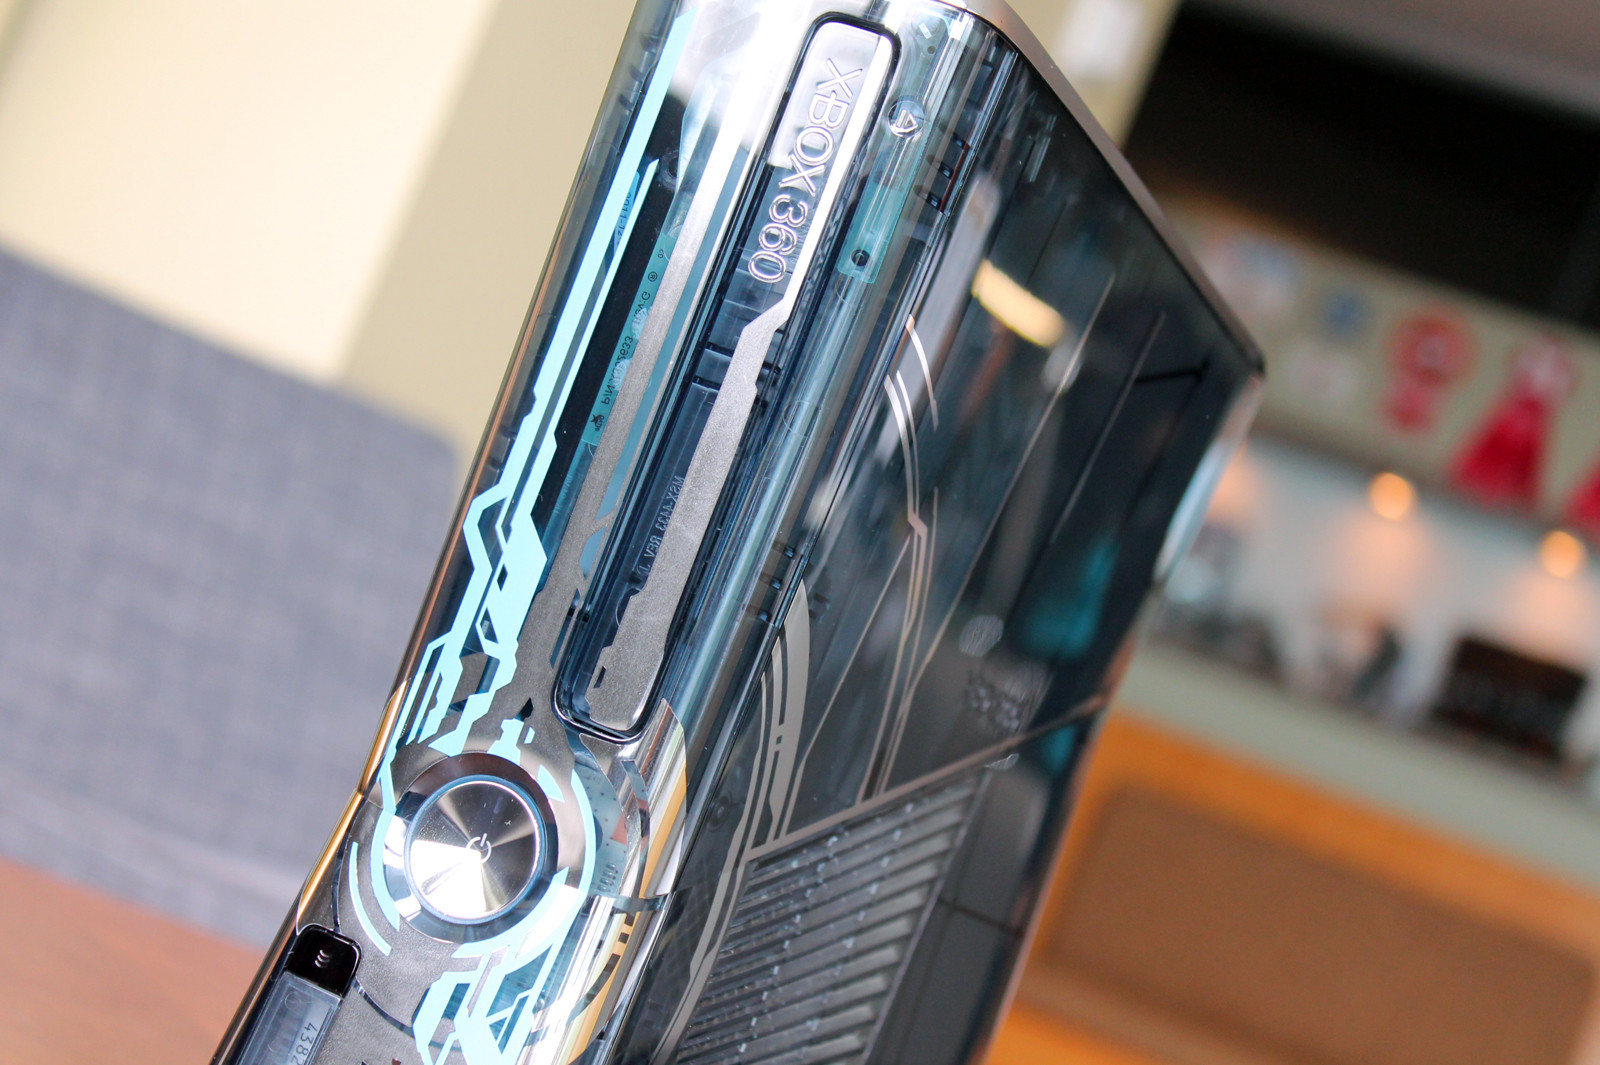 halo_4_xbox_360_console-9